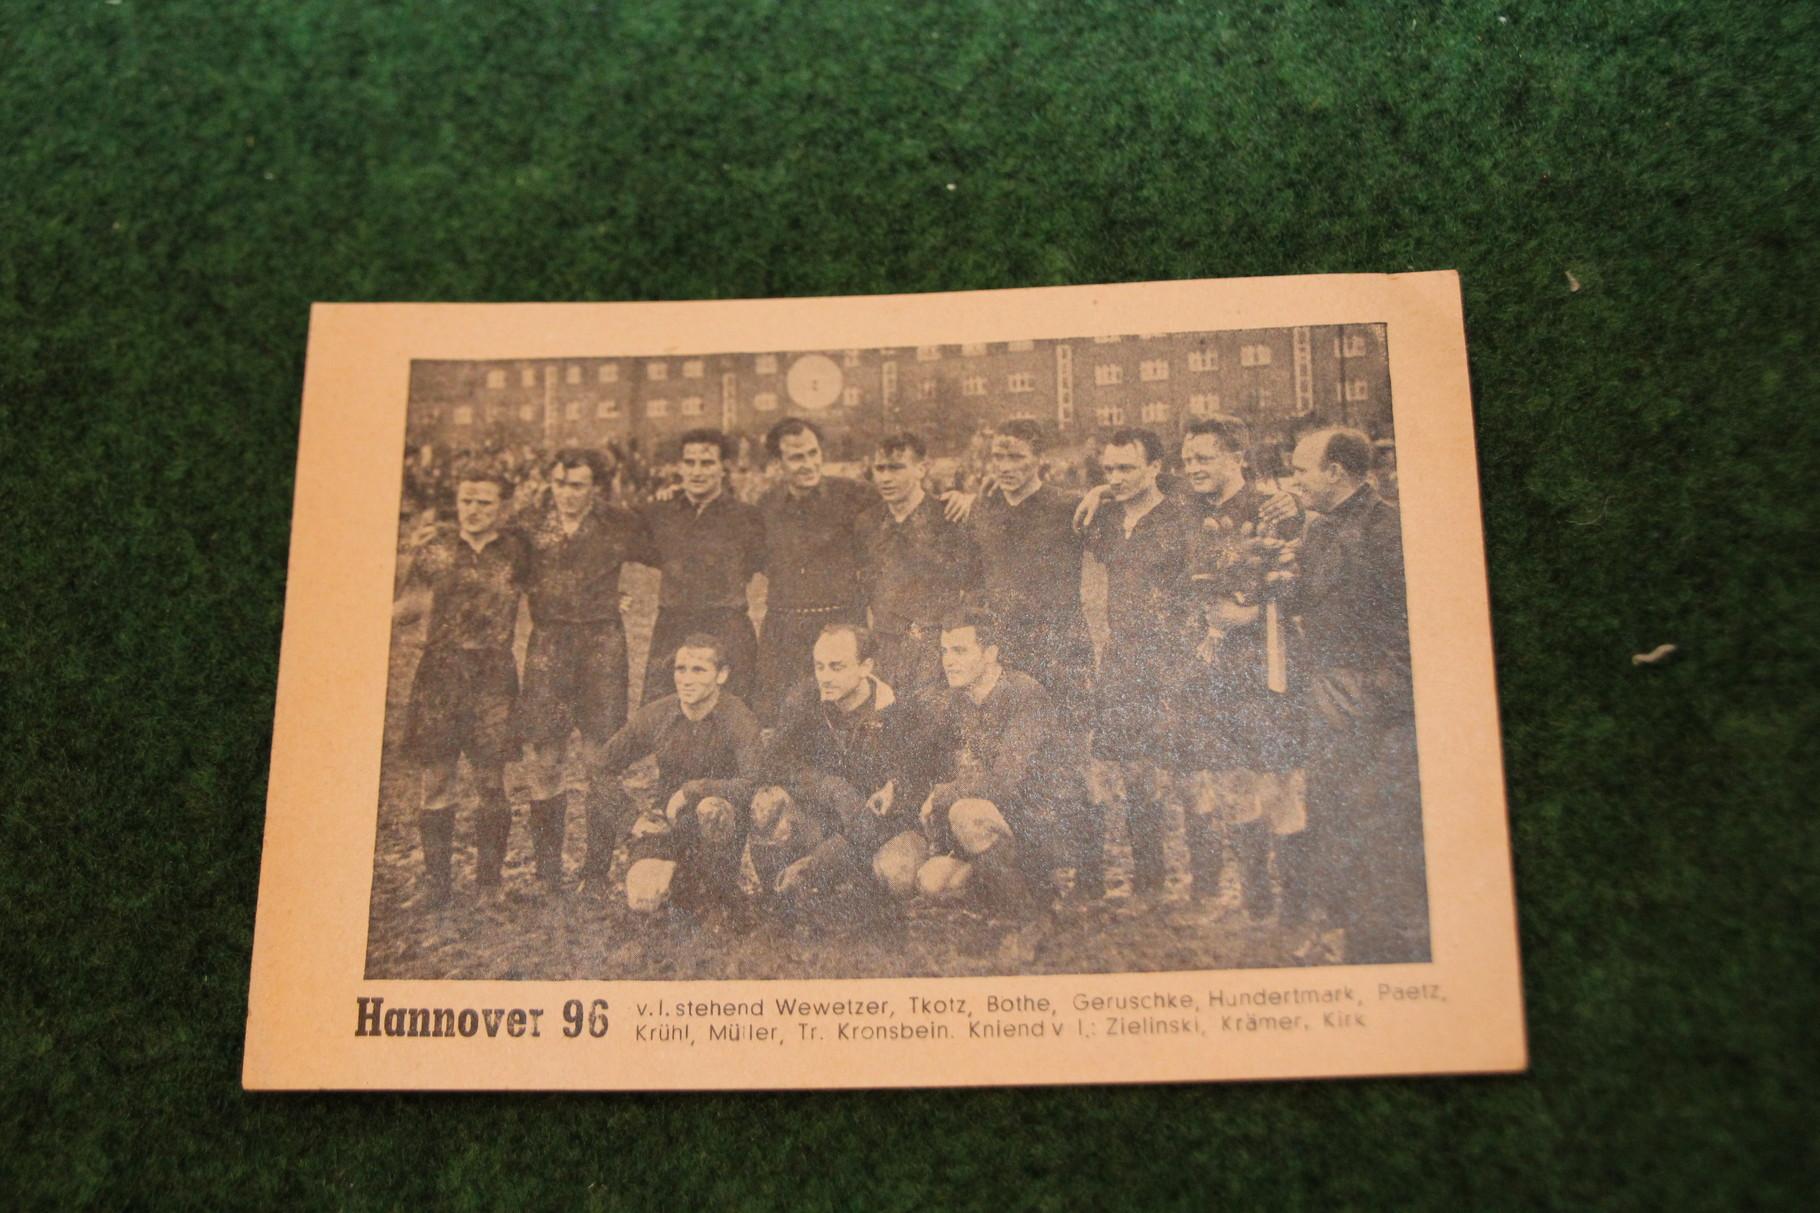 Bild vom Deutschen Meister 1954 Hannover 96.